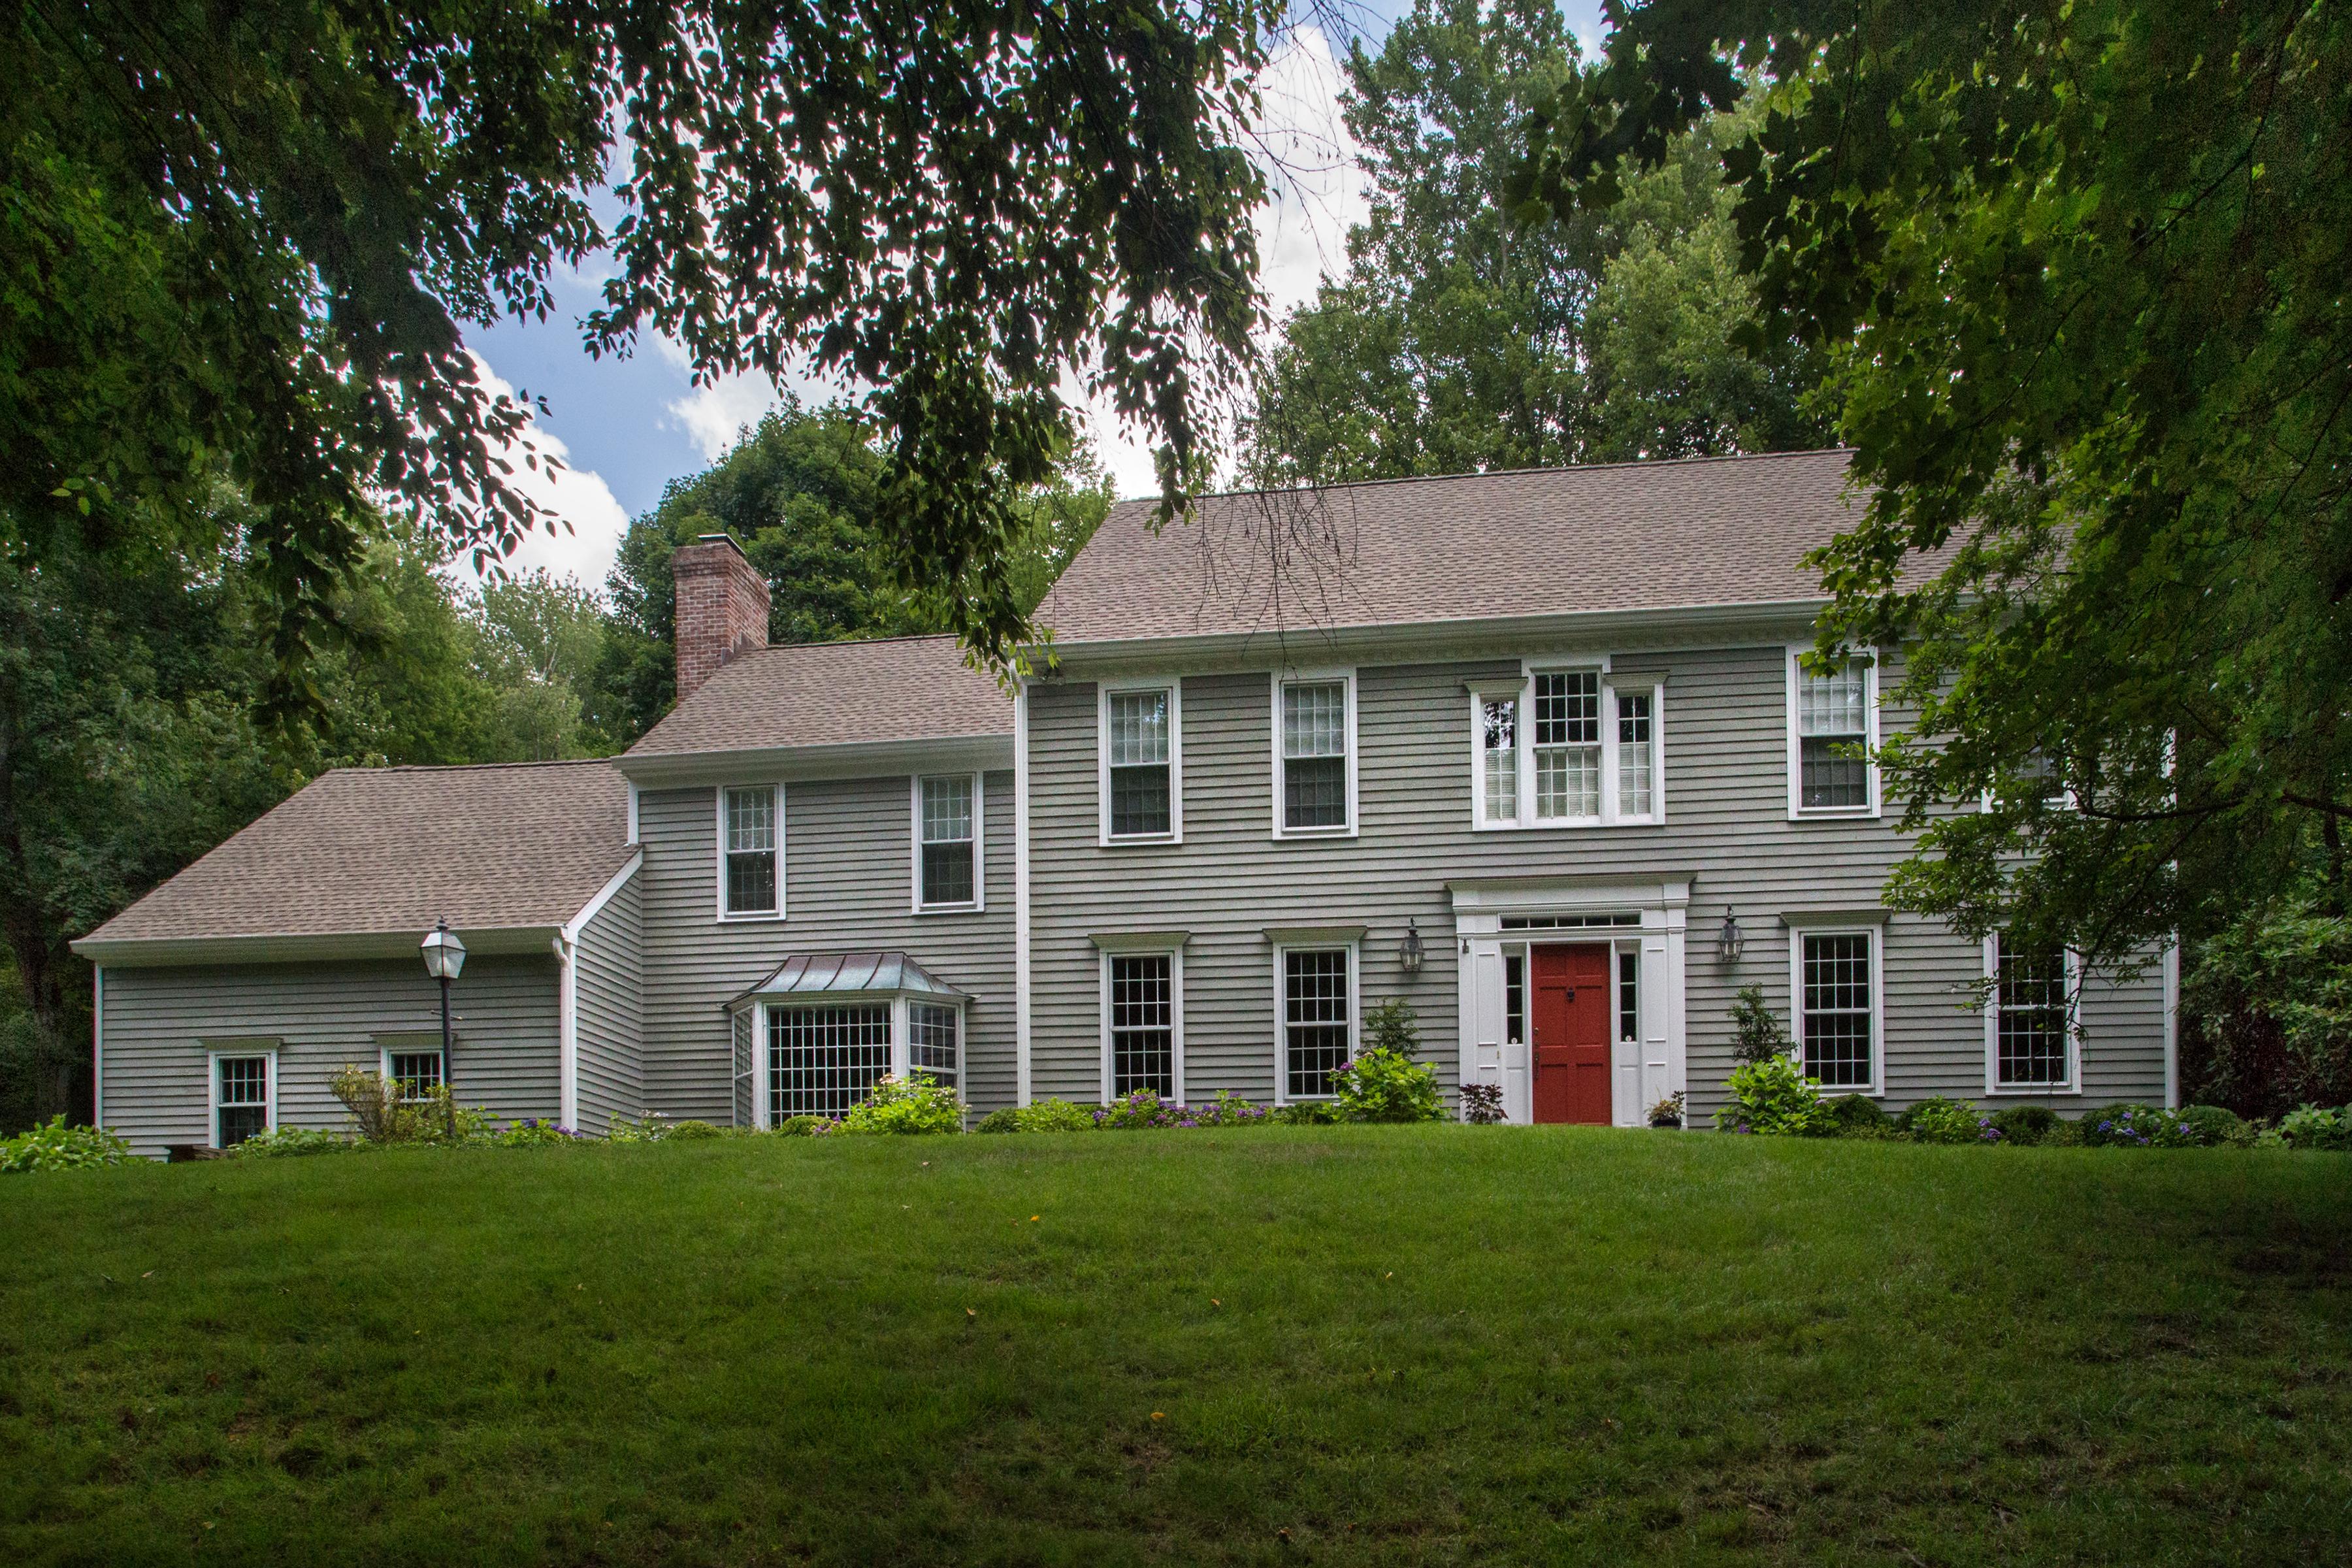 단독 가정 주택 용 매매 에 Classic Center Hall Colonial 2 Diamond Hill Lane Westport, 코네티컷 06880 미국